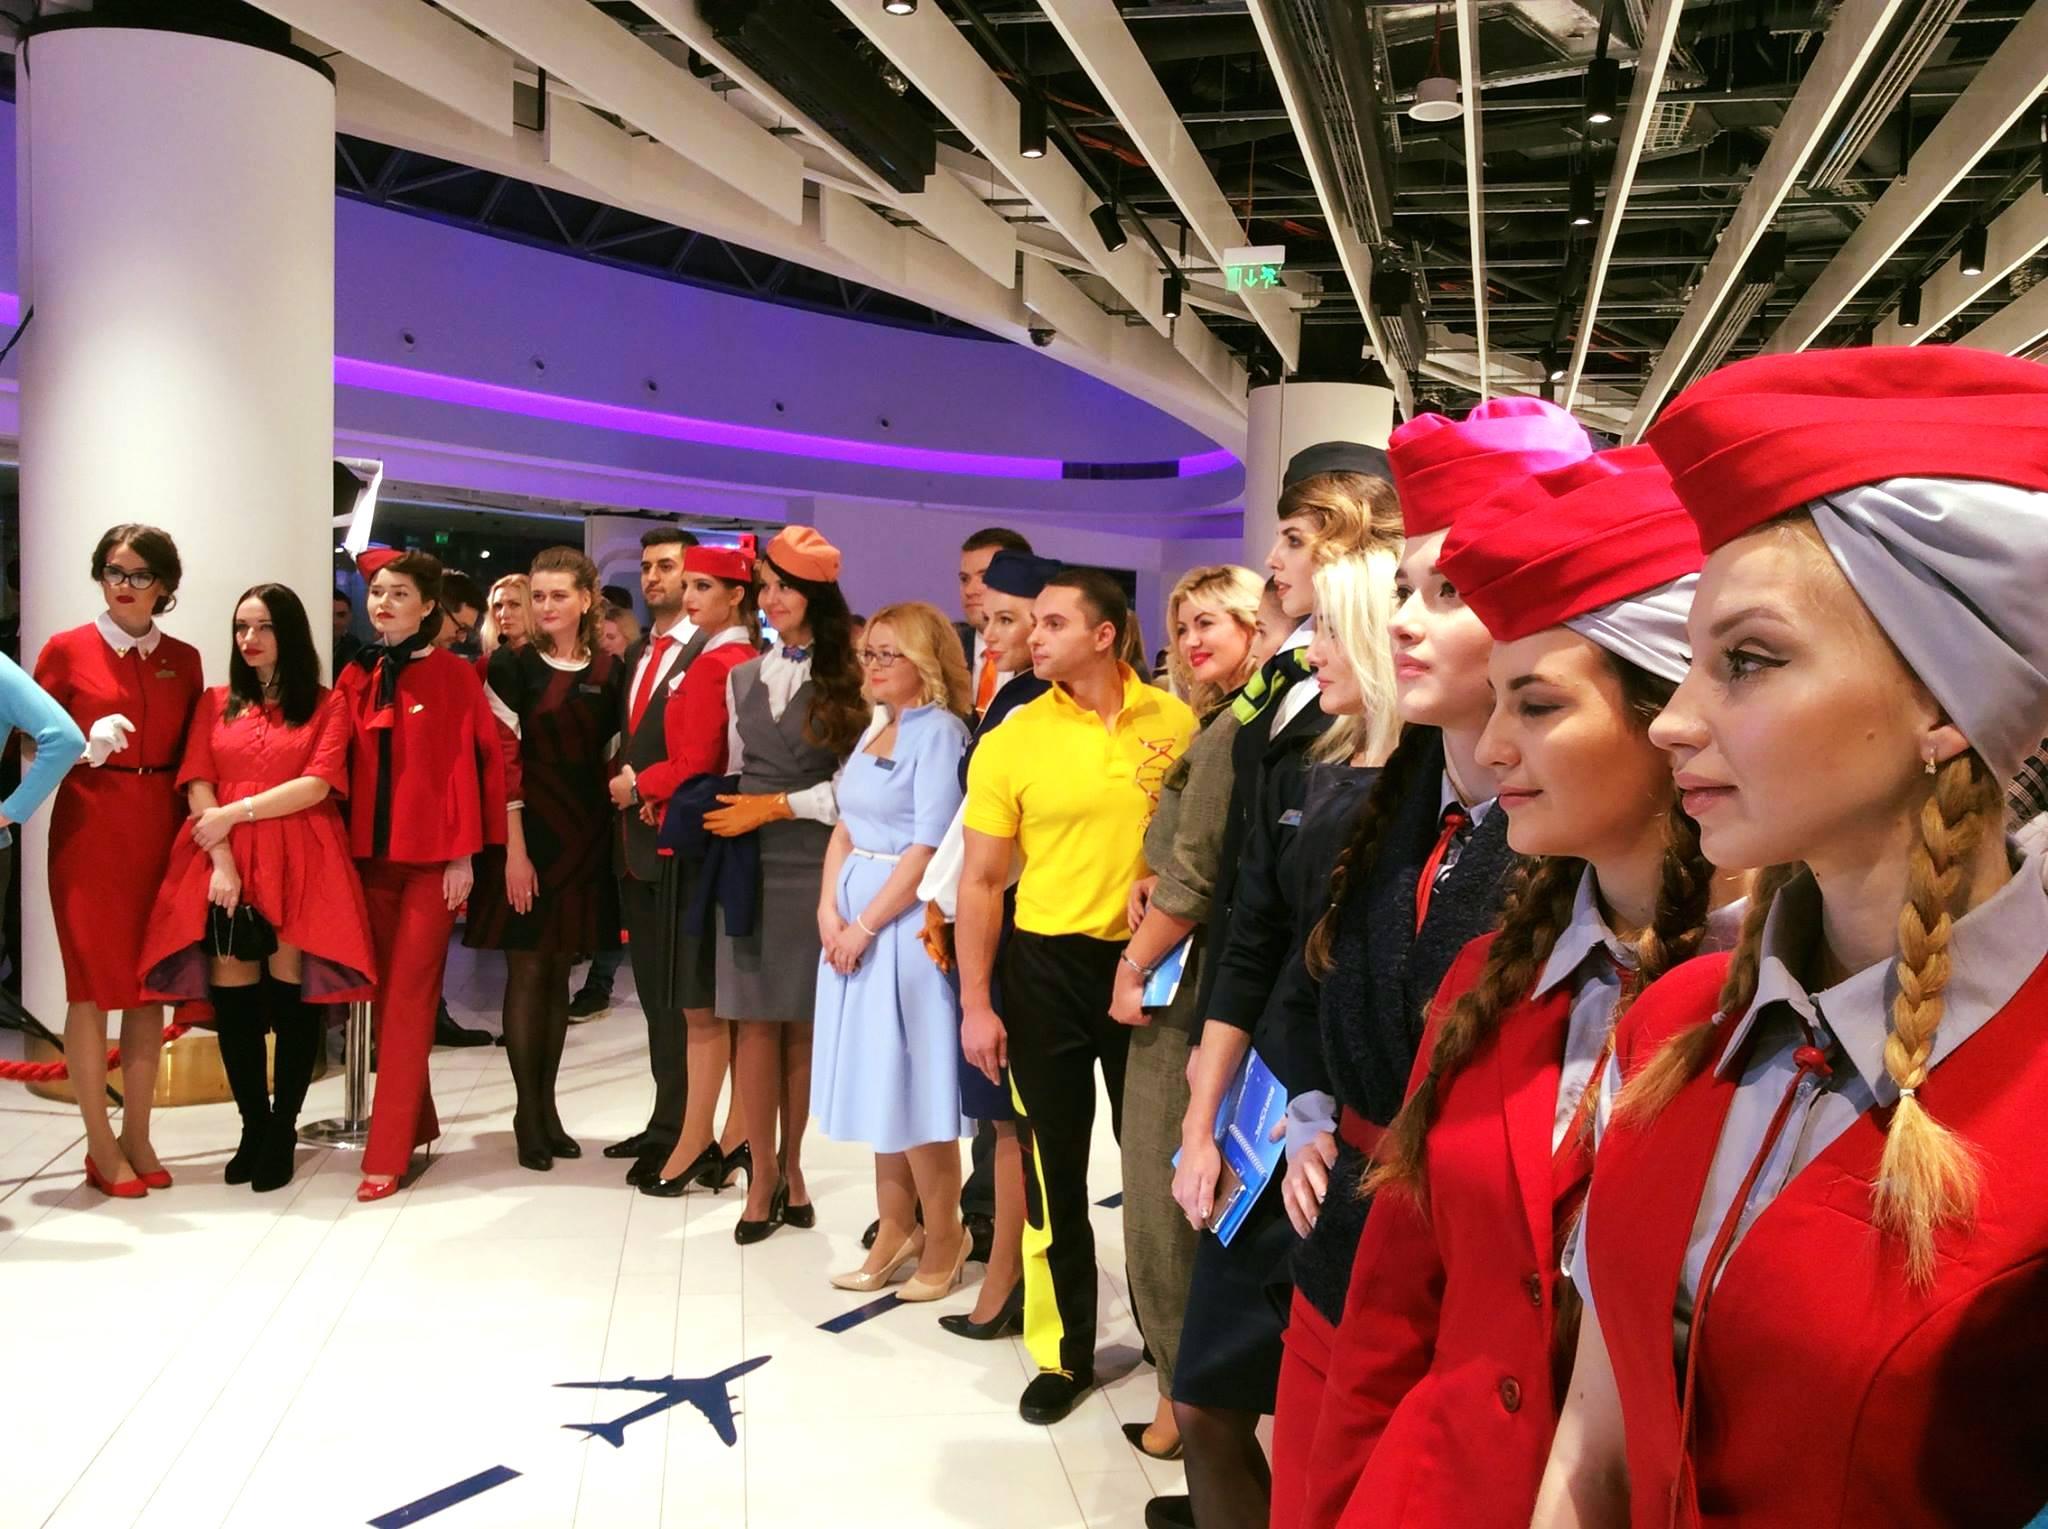 Какими будут новые решения для профессиональных нарядов стюардесс и бортпроводников?